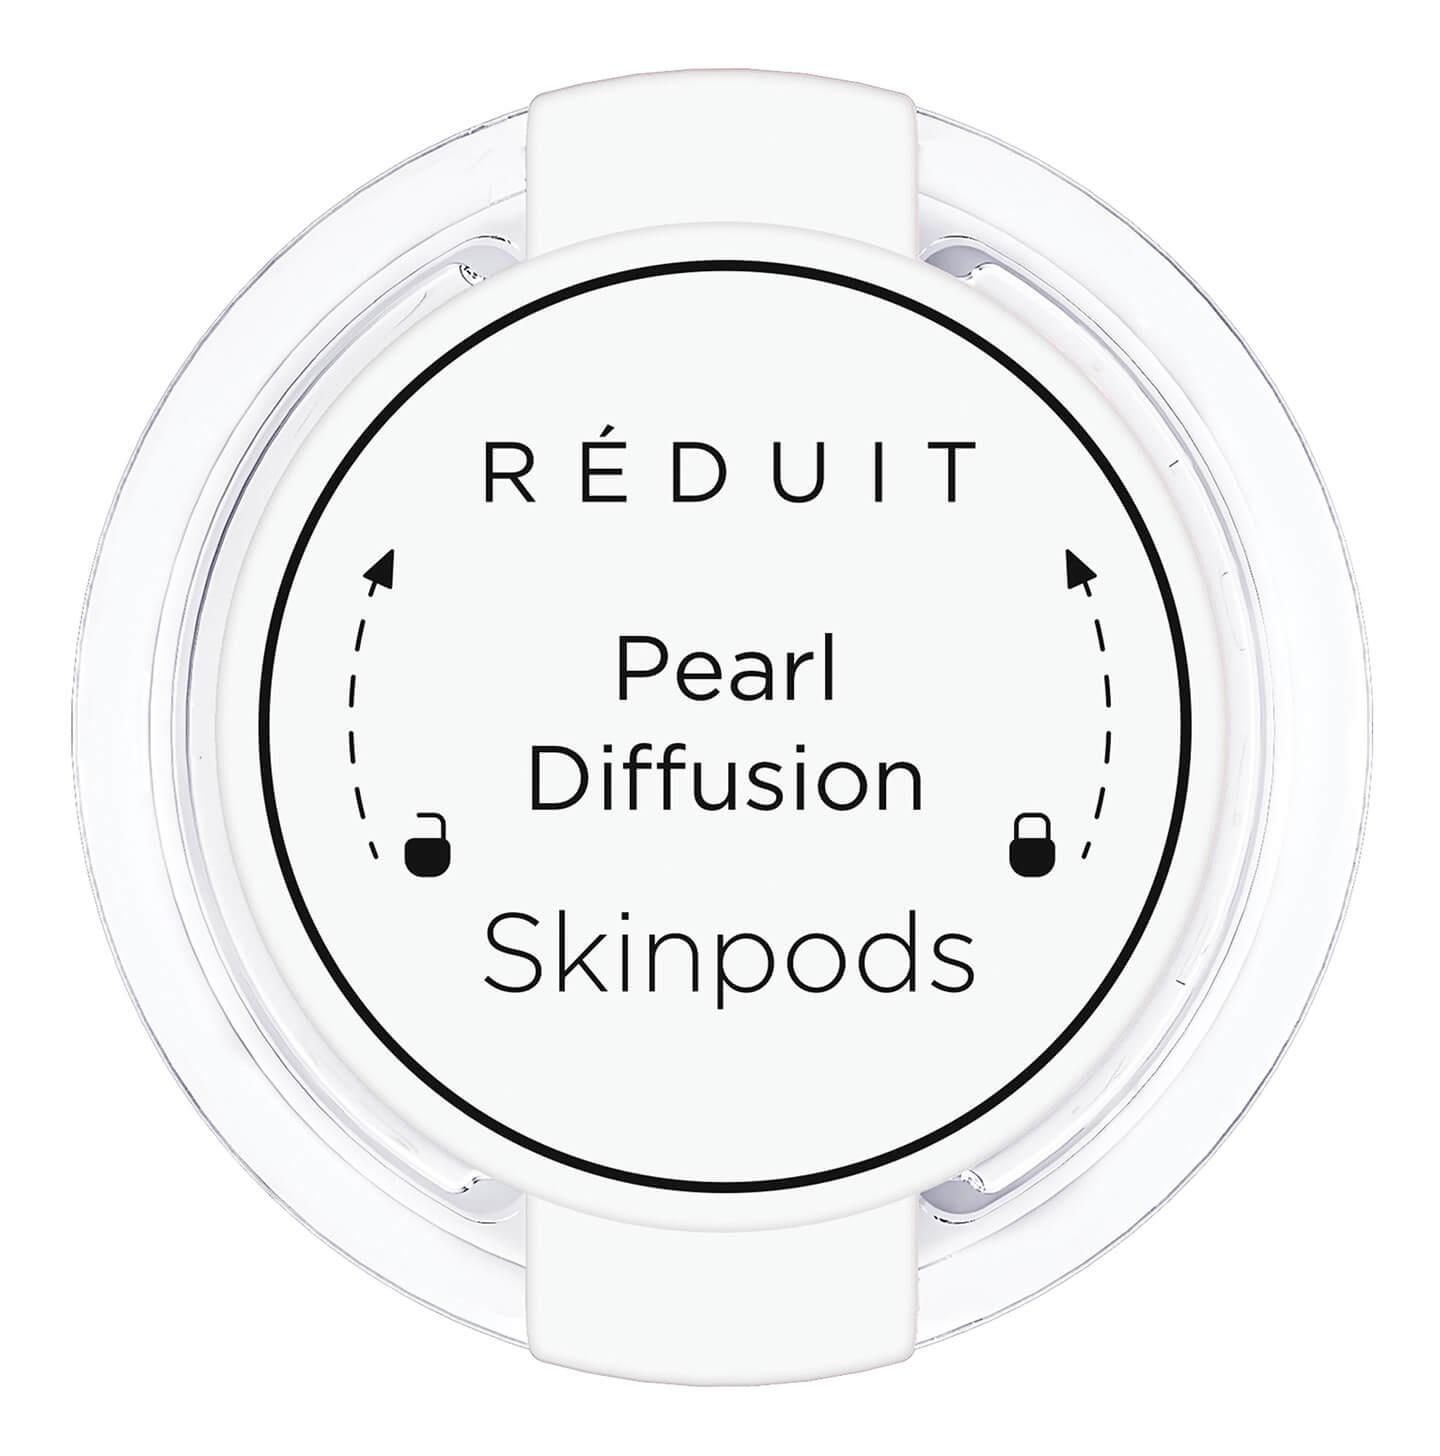 RÉDUIT Pearl Diffusion